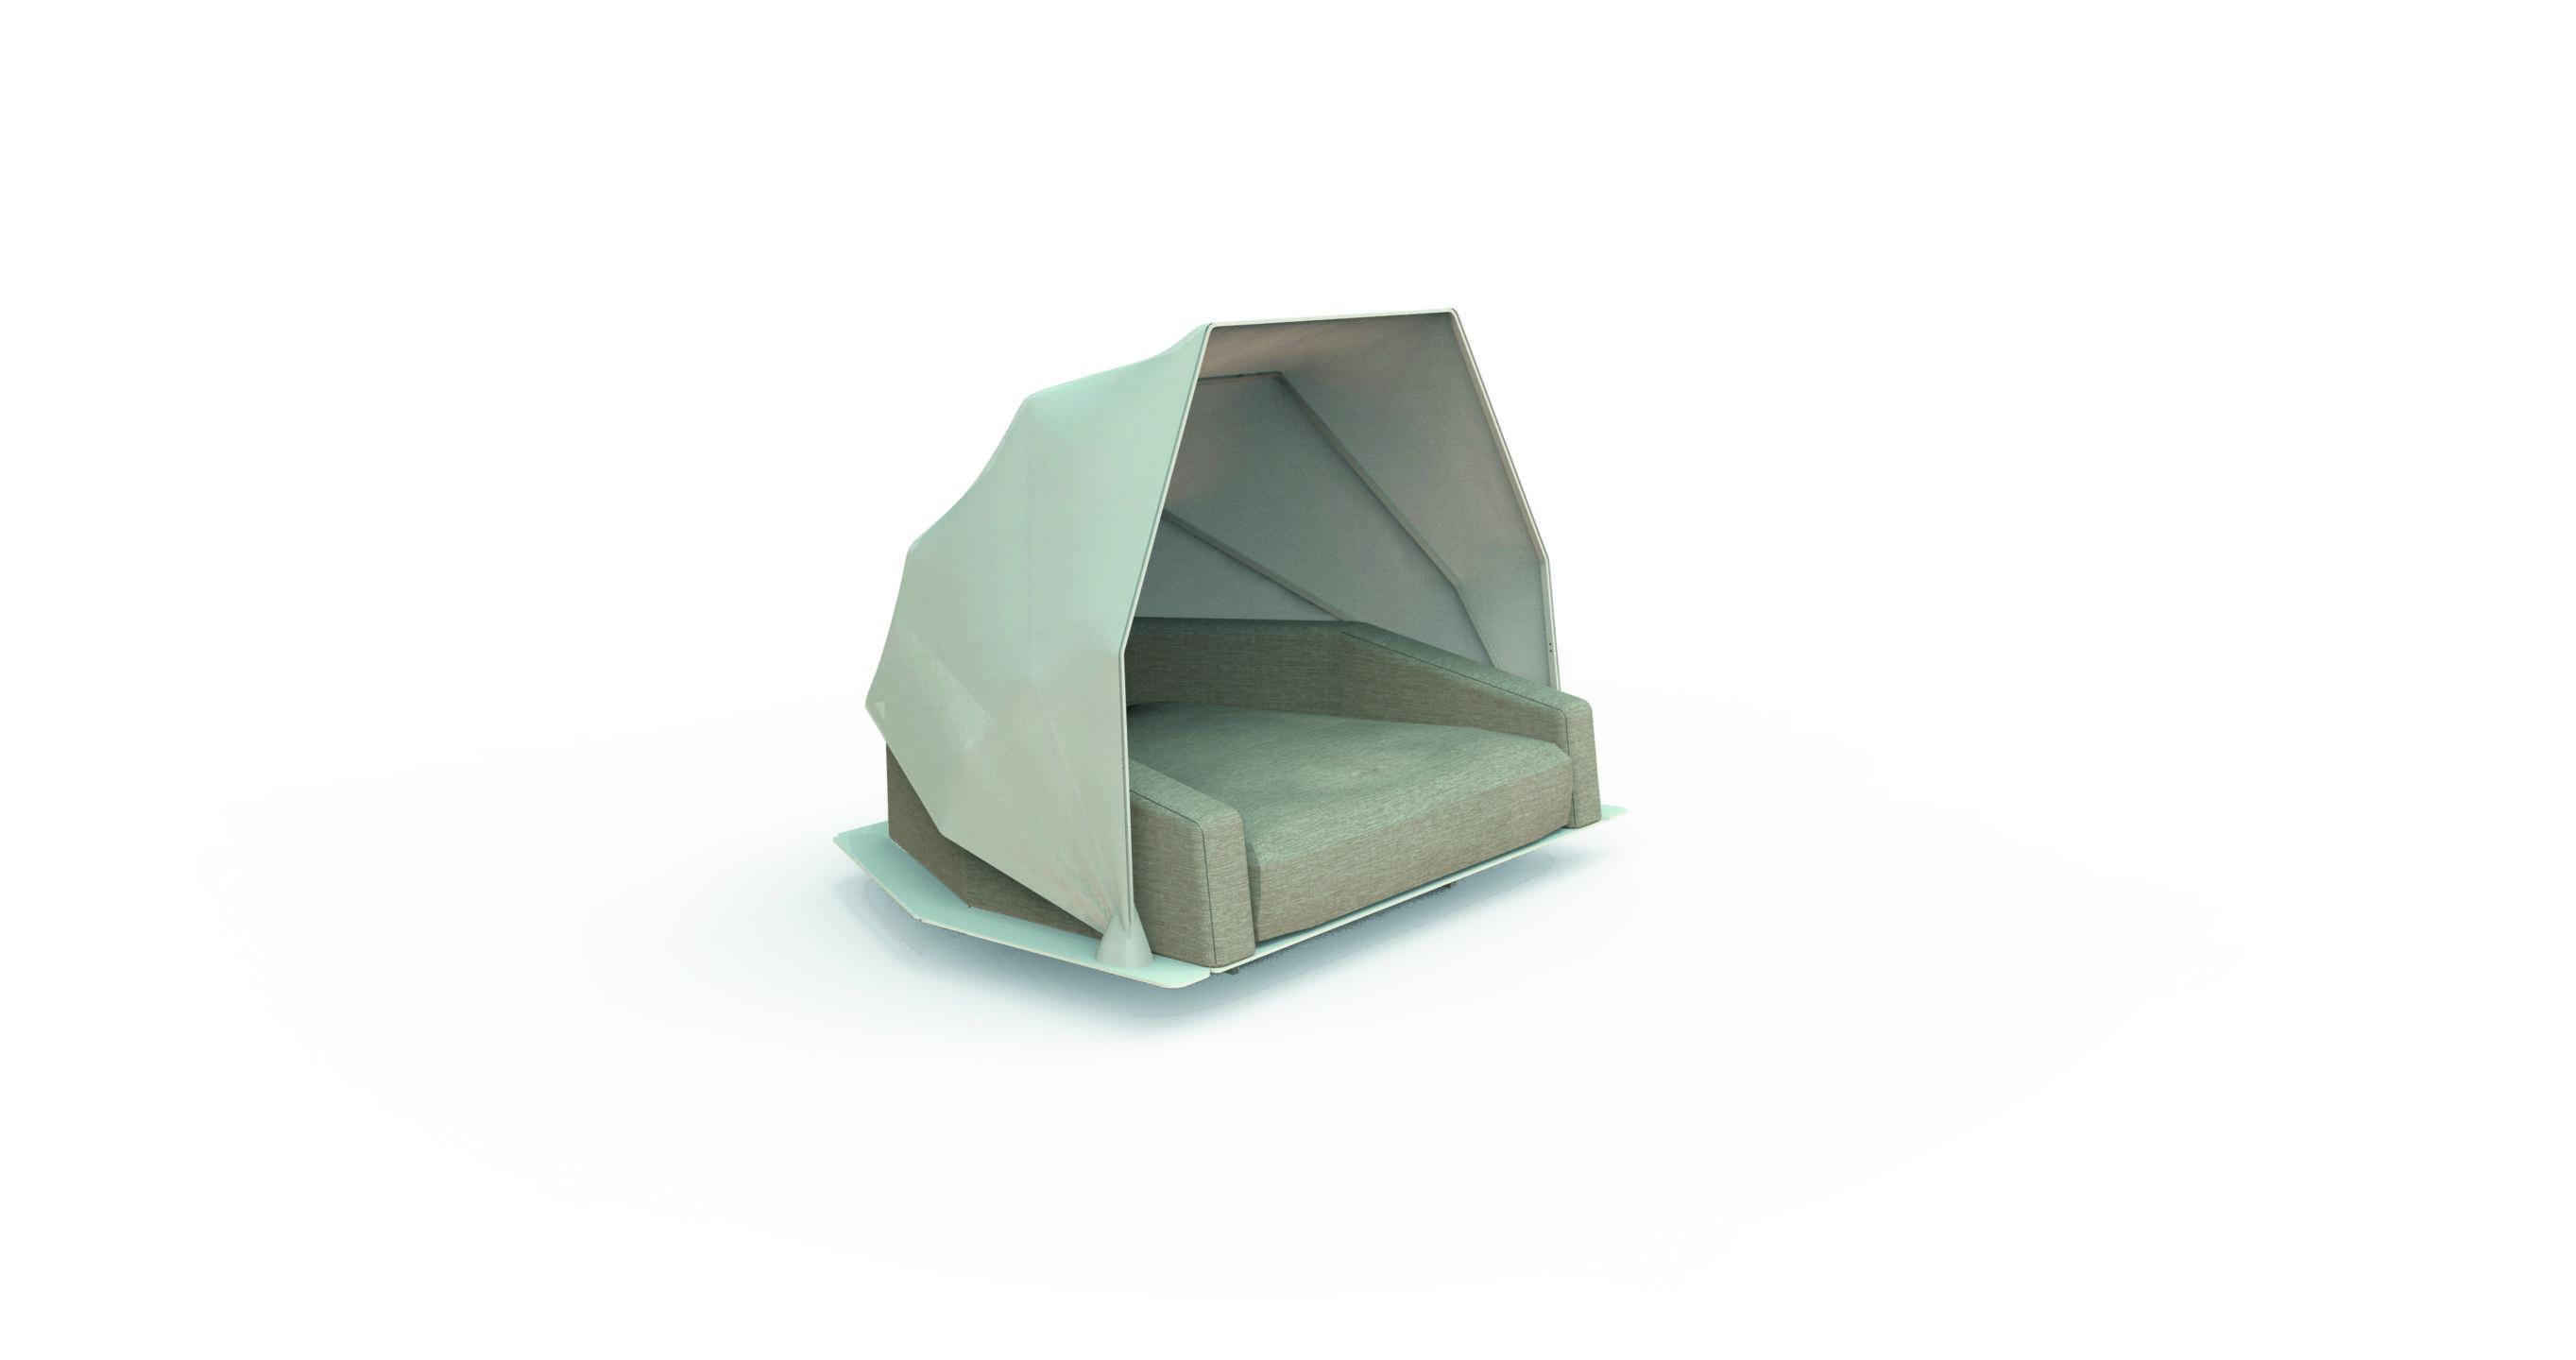 Vivereverde daybed edencollection mobili da giardino for Mobili frosinone e provincia